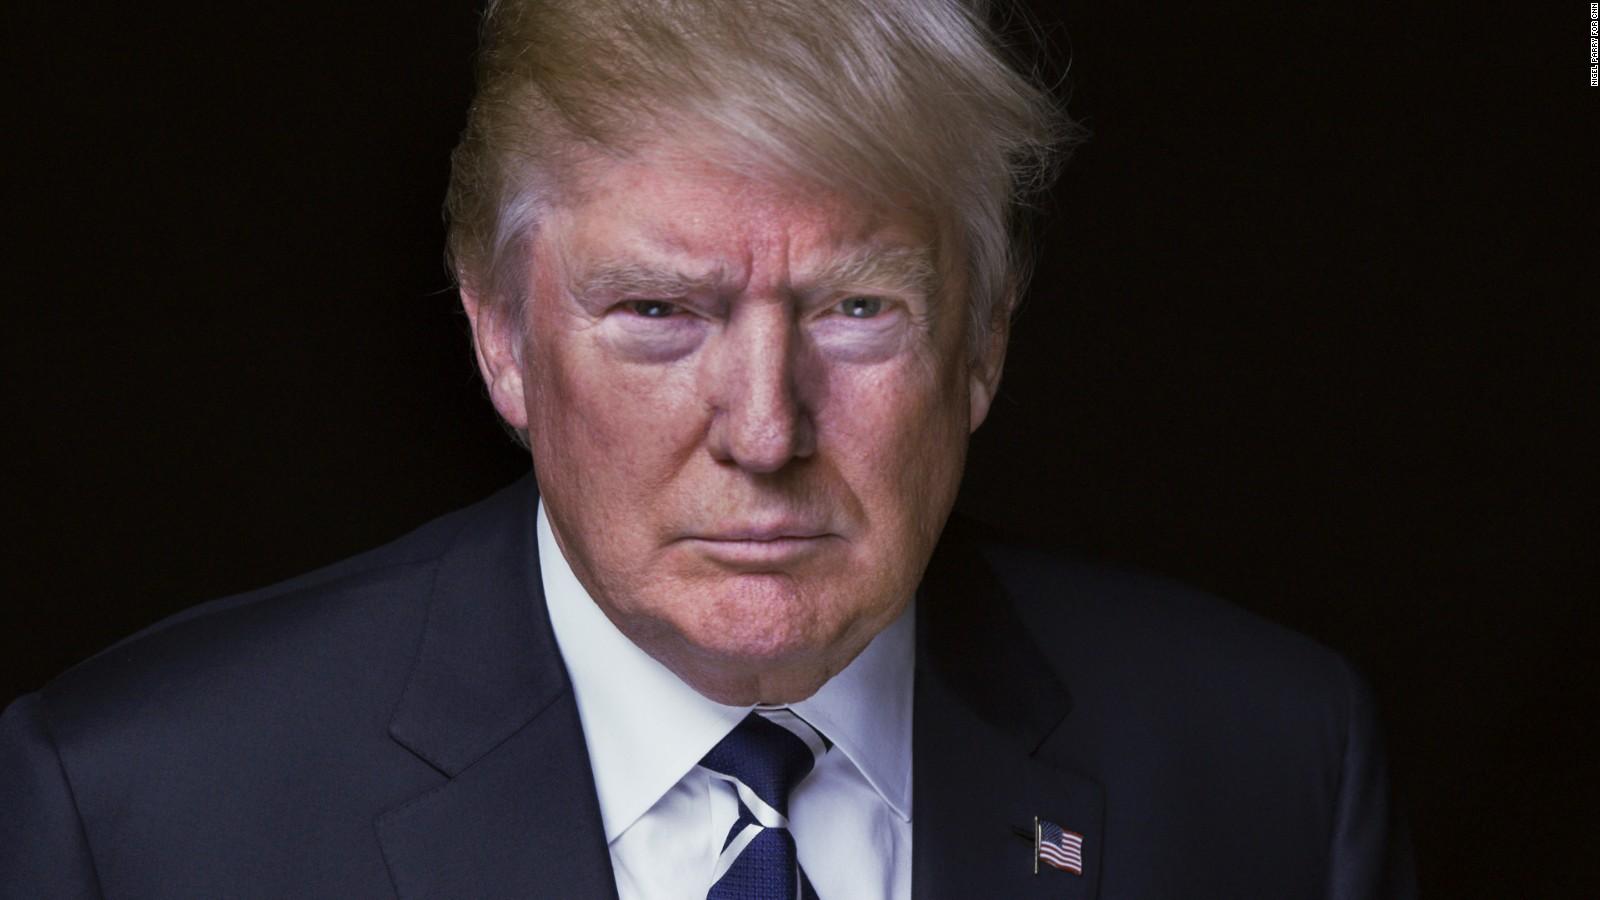 Trump busca constantemente el reconocimiento por su riqueza.